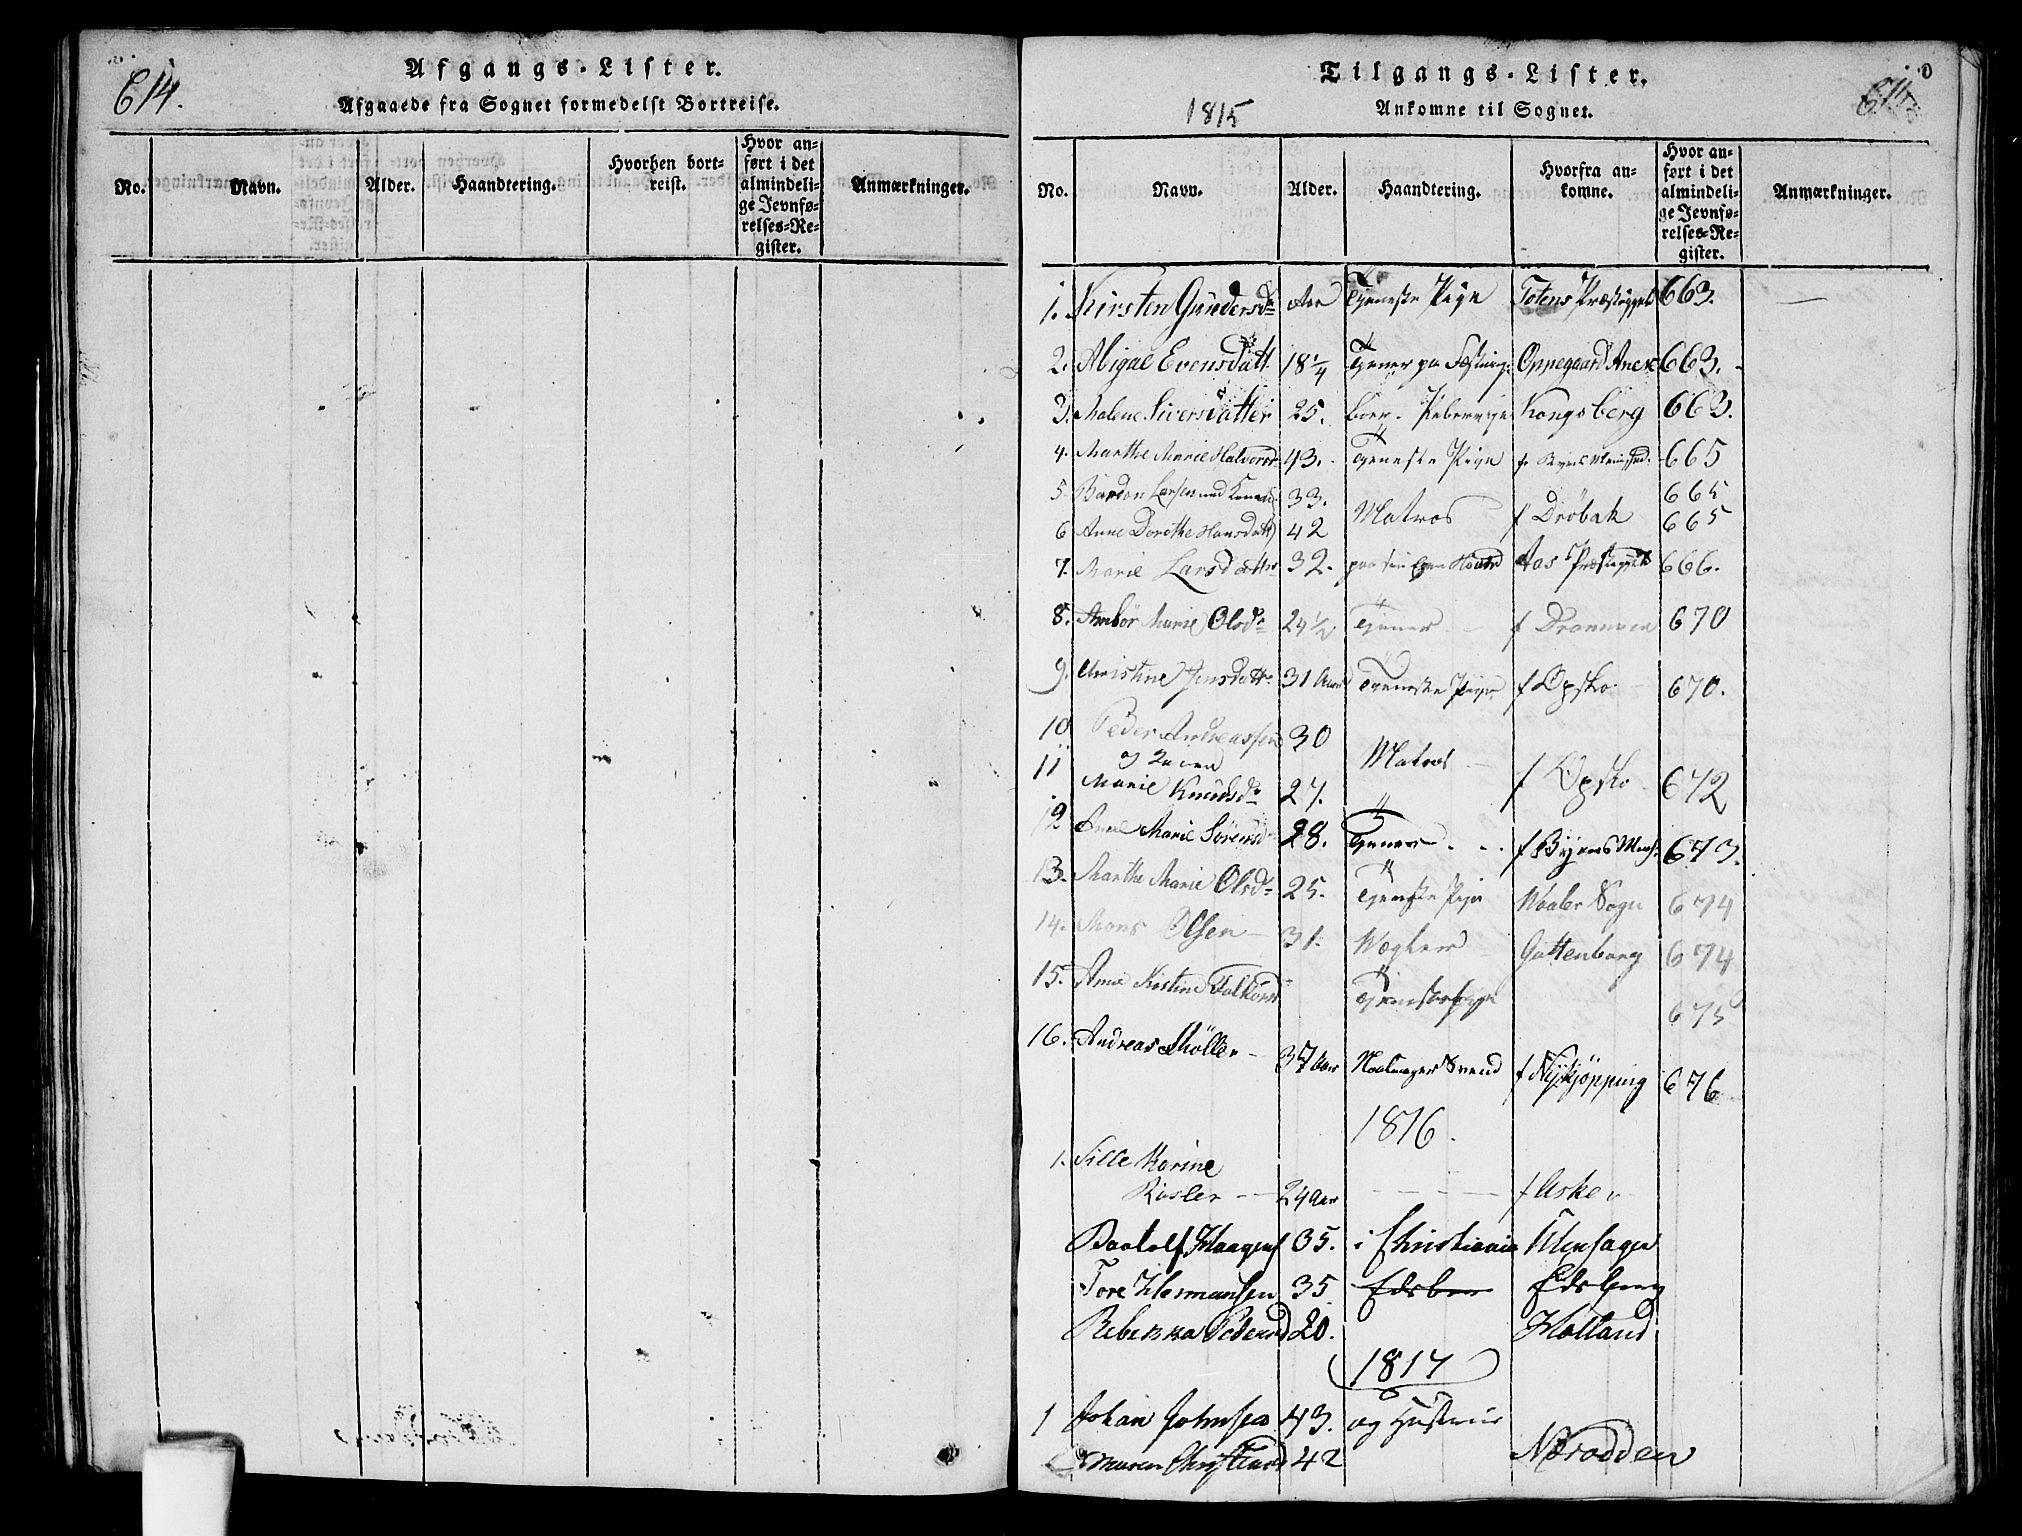 SAO, Garnisonsmenigheten Kirkebøker, G/Ga/L0003: Klokkerbok nr. 3, 1815-1819, s. 614-615